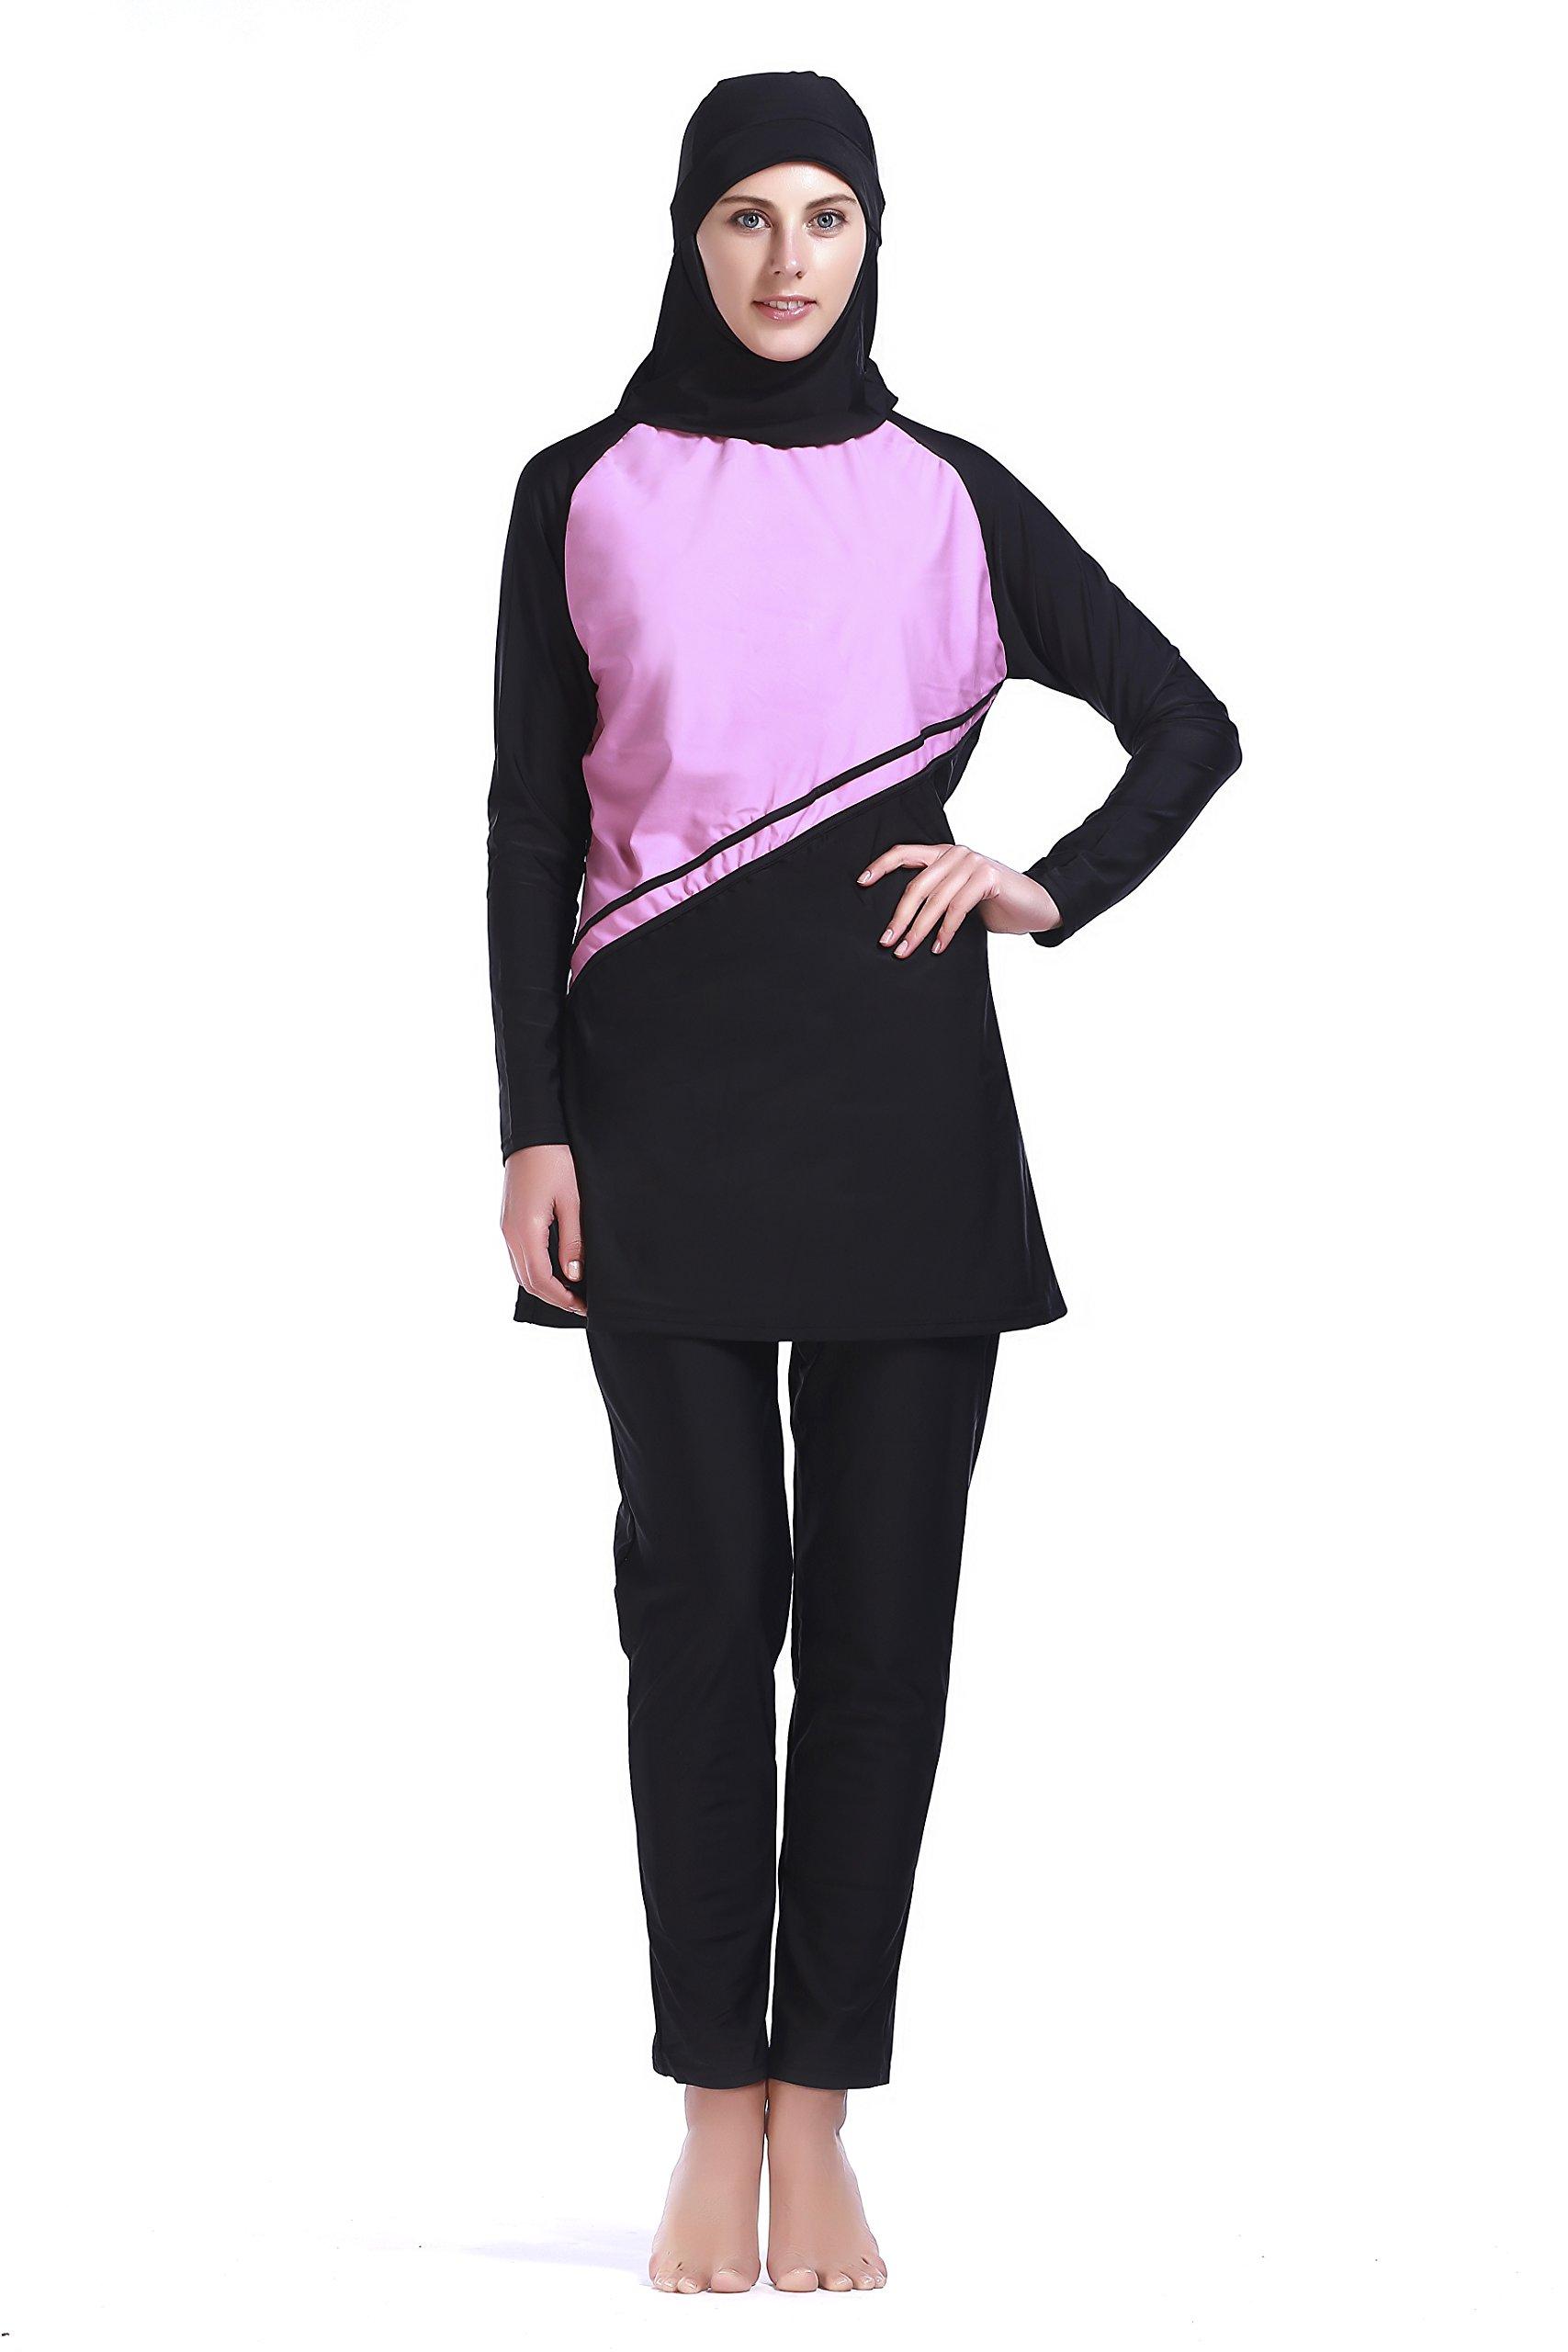 MZ Garment Muslim Swimwear Women Islamic Hijab Modesty Modest Swimsuit Costume (XXL, MS030) by MZ Garment